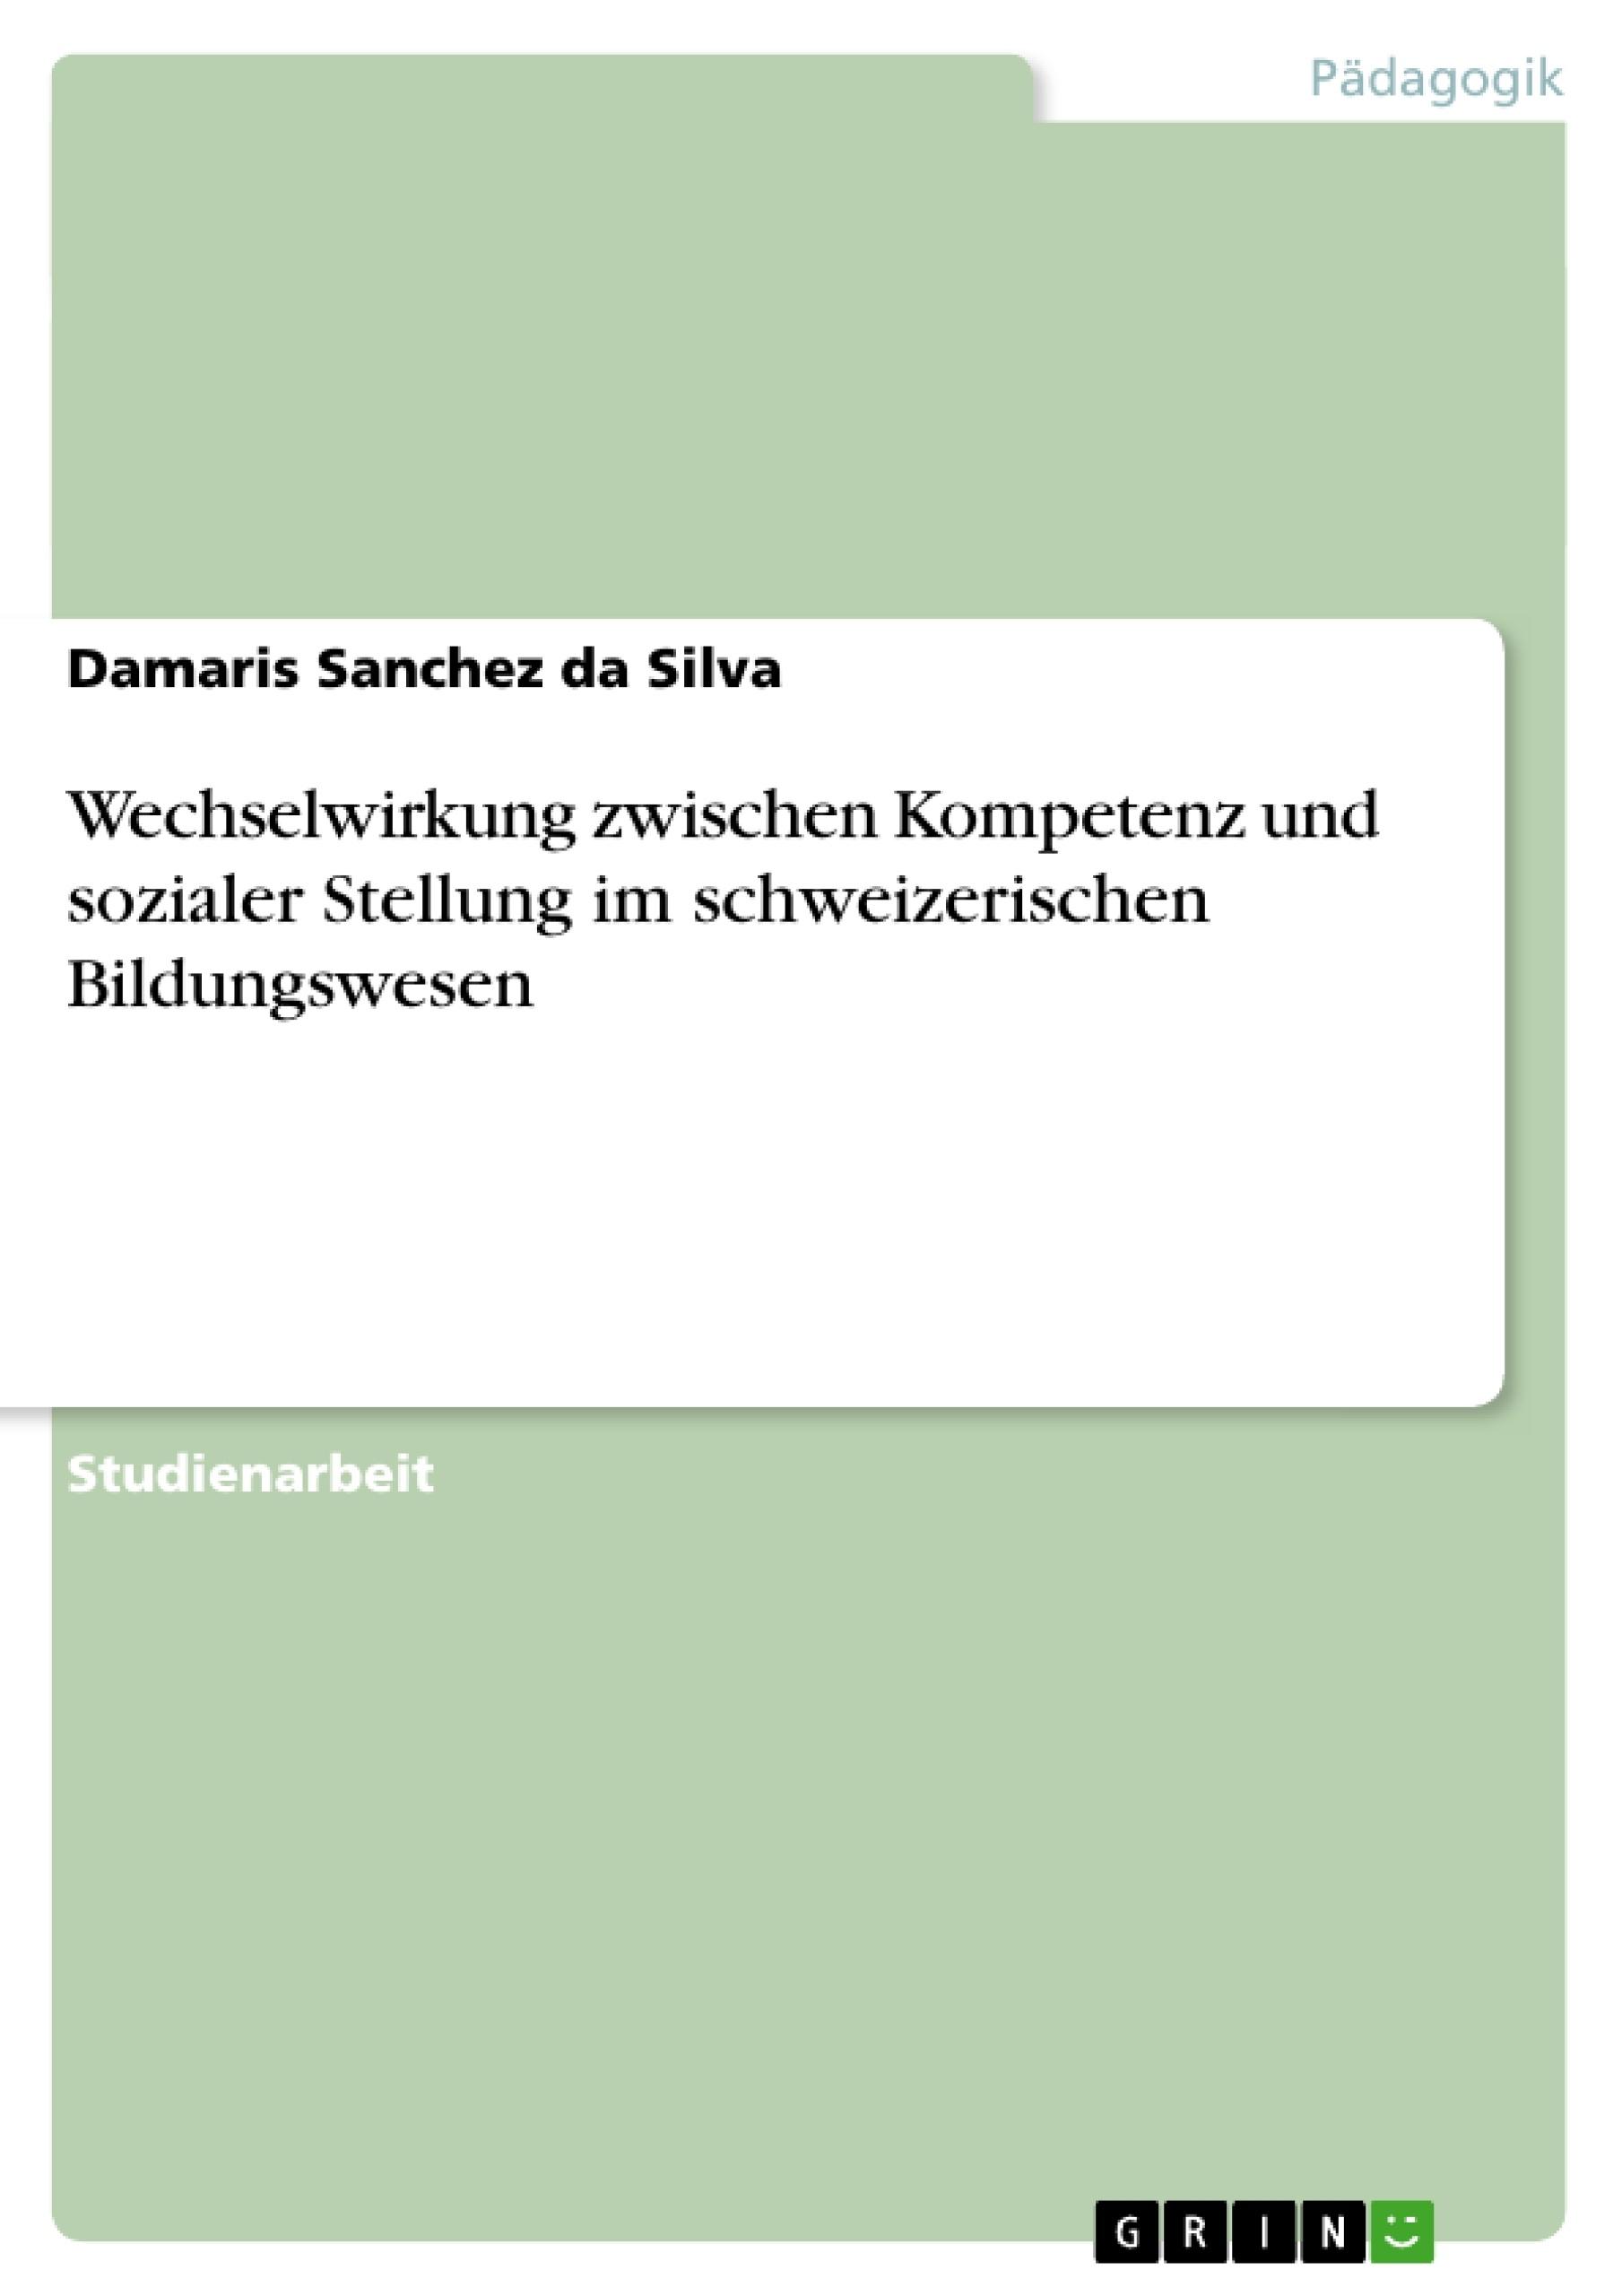 Titel: Wechselwirkung zwischen Kompetenz und sozialer Stellung im schweizerischen Bildungswesen